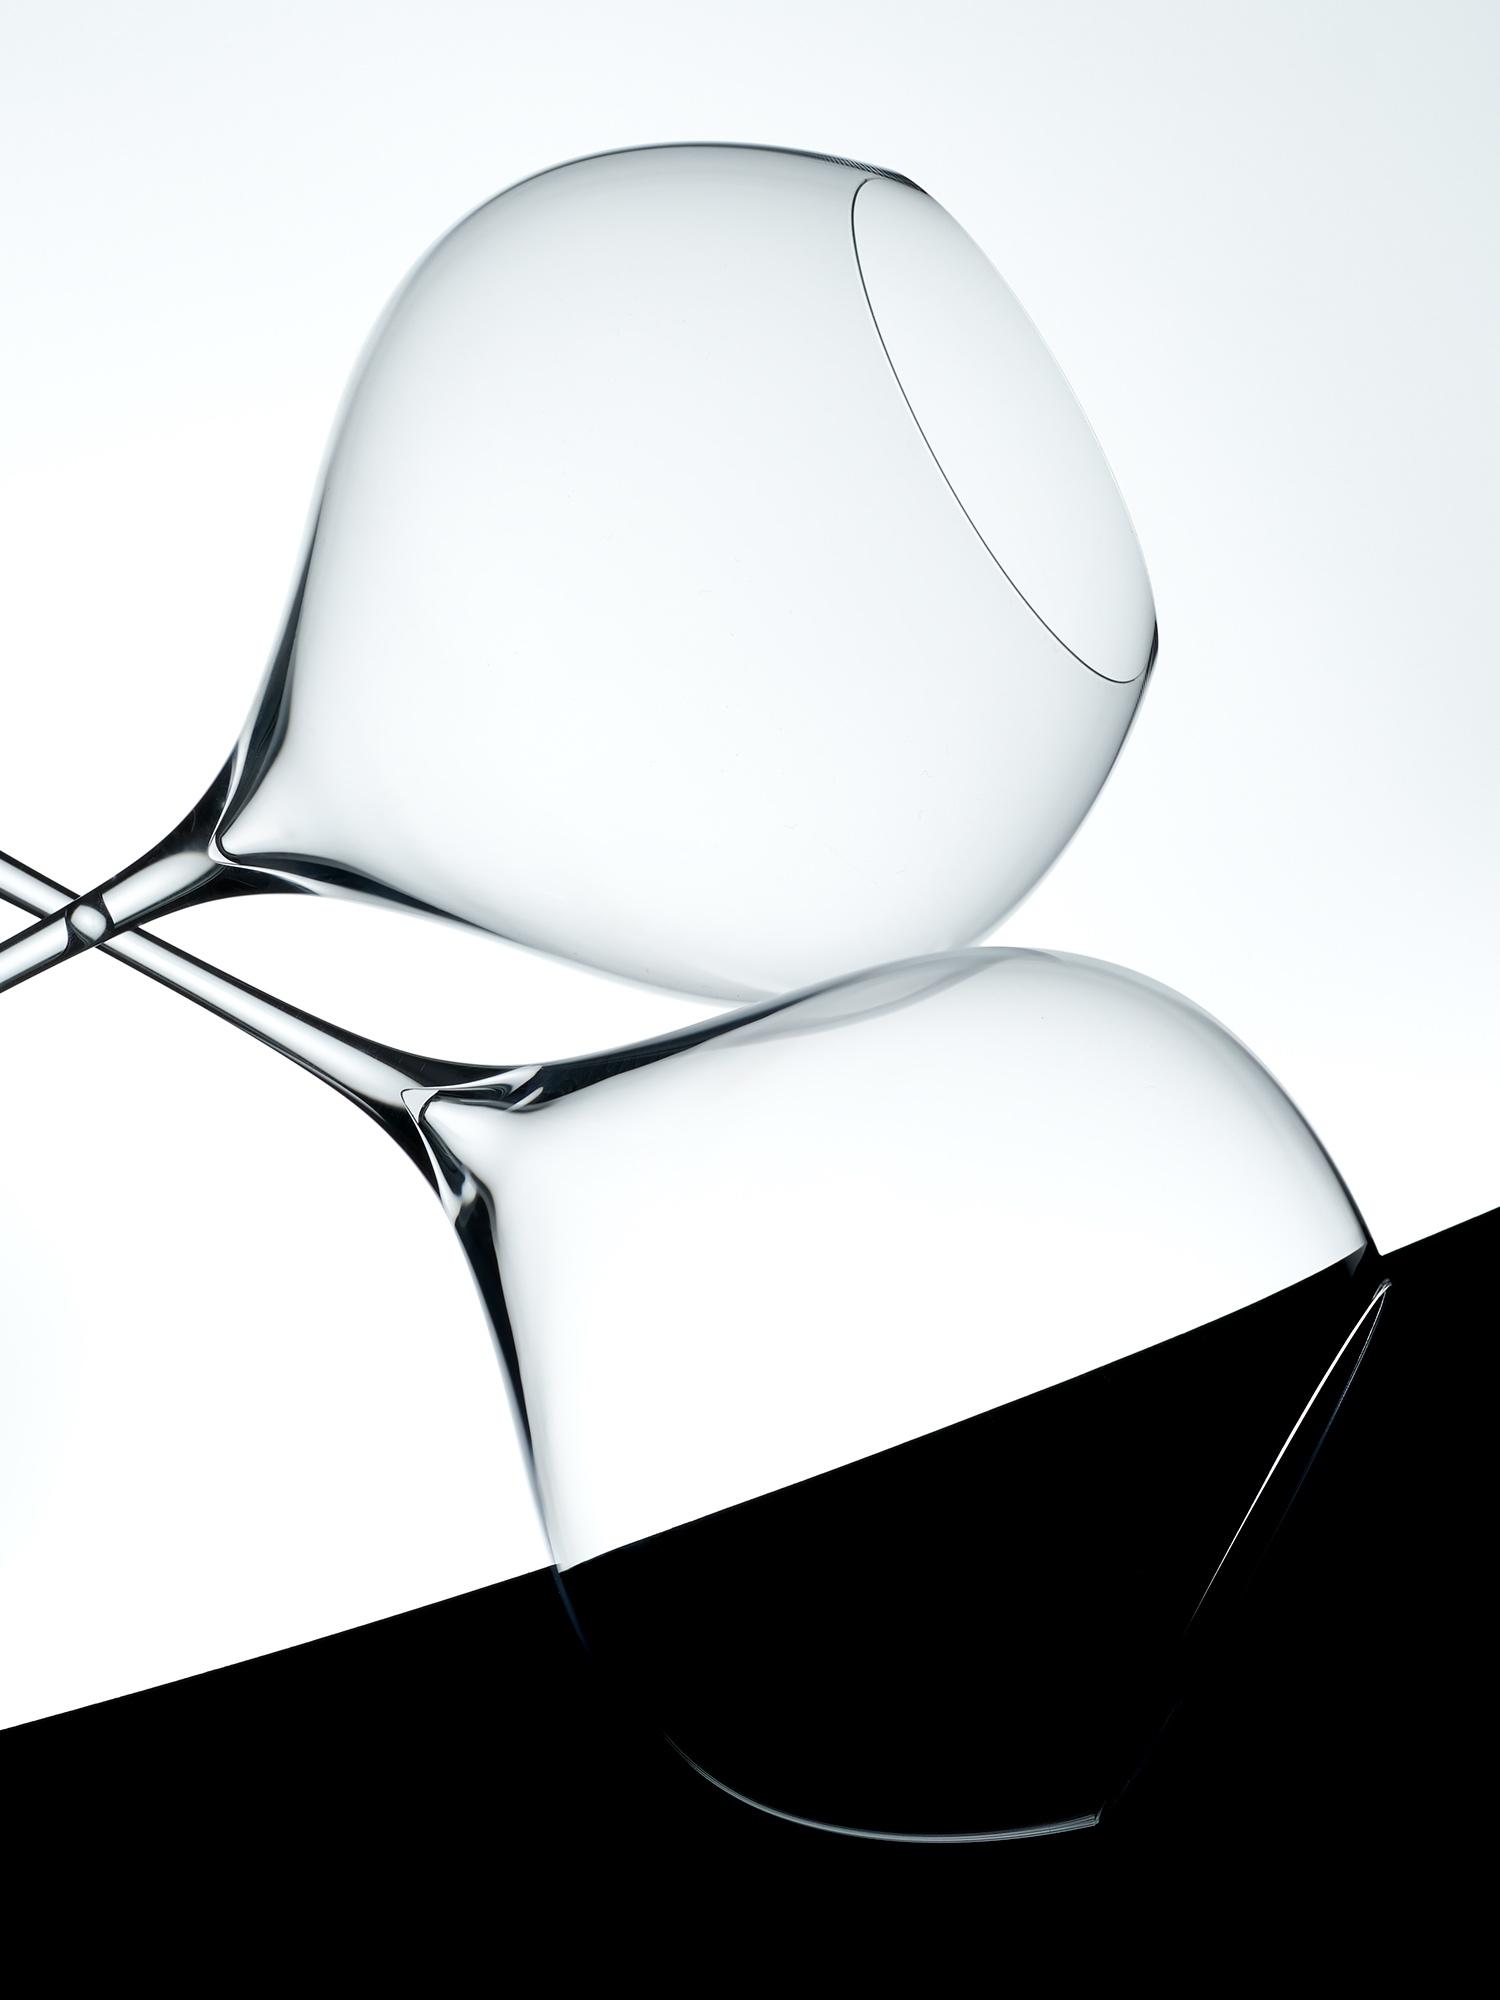 Double-verres1306.jpg